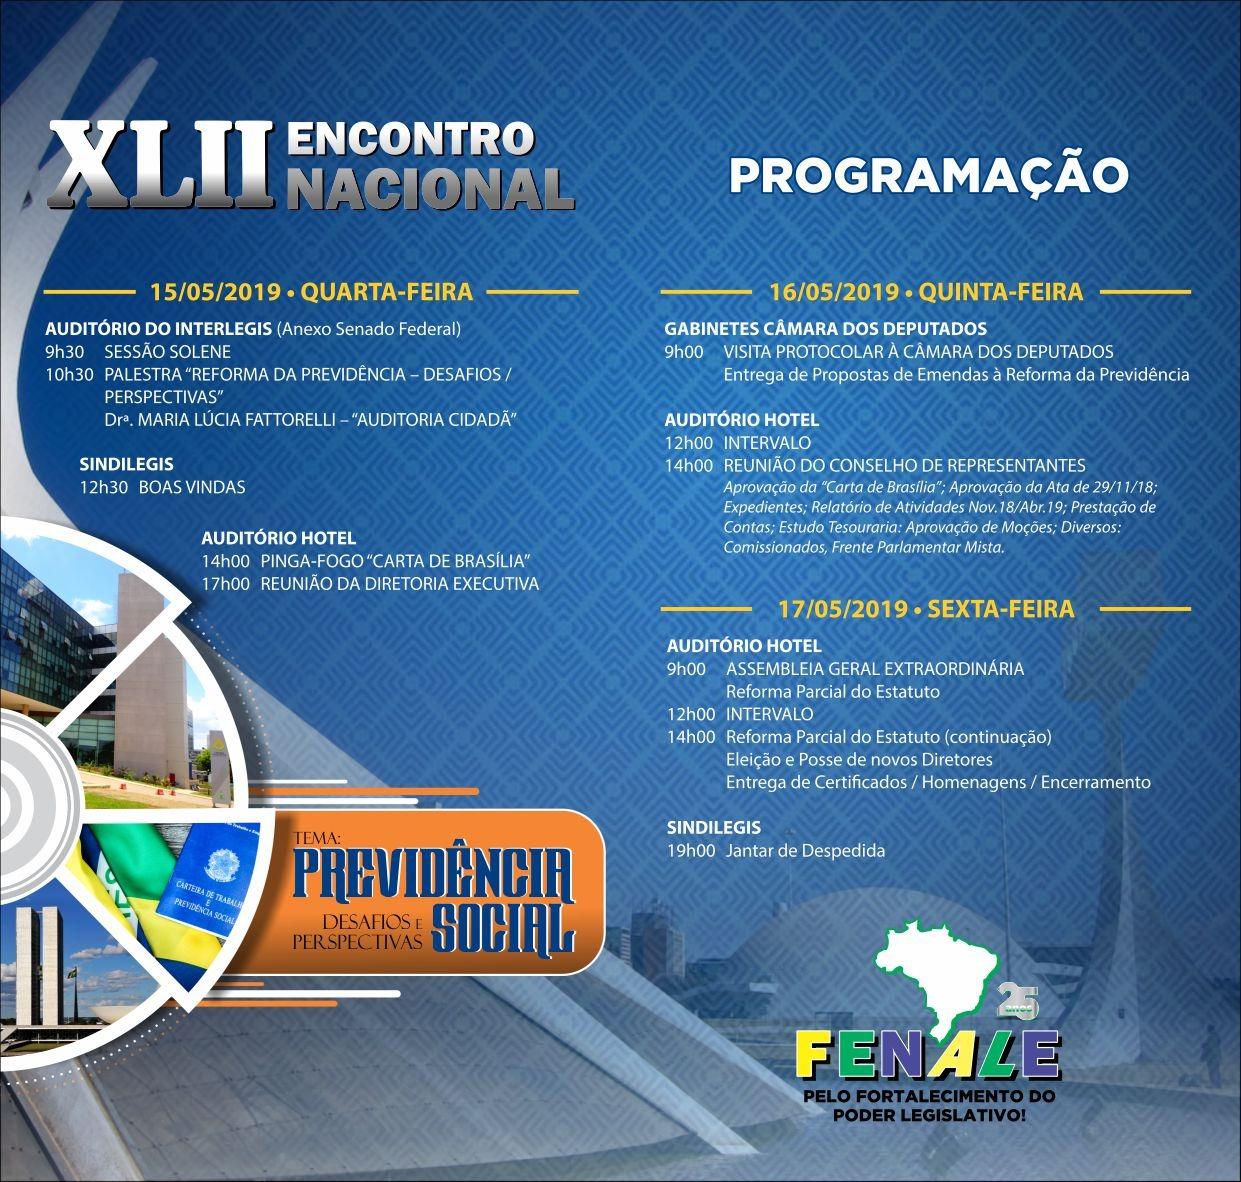 Programação XLII Encontro Nascional Brasilia